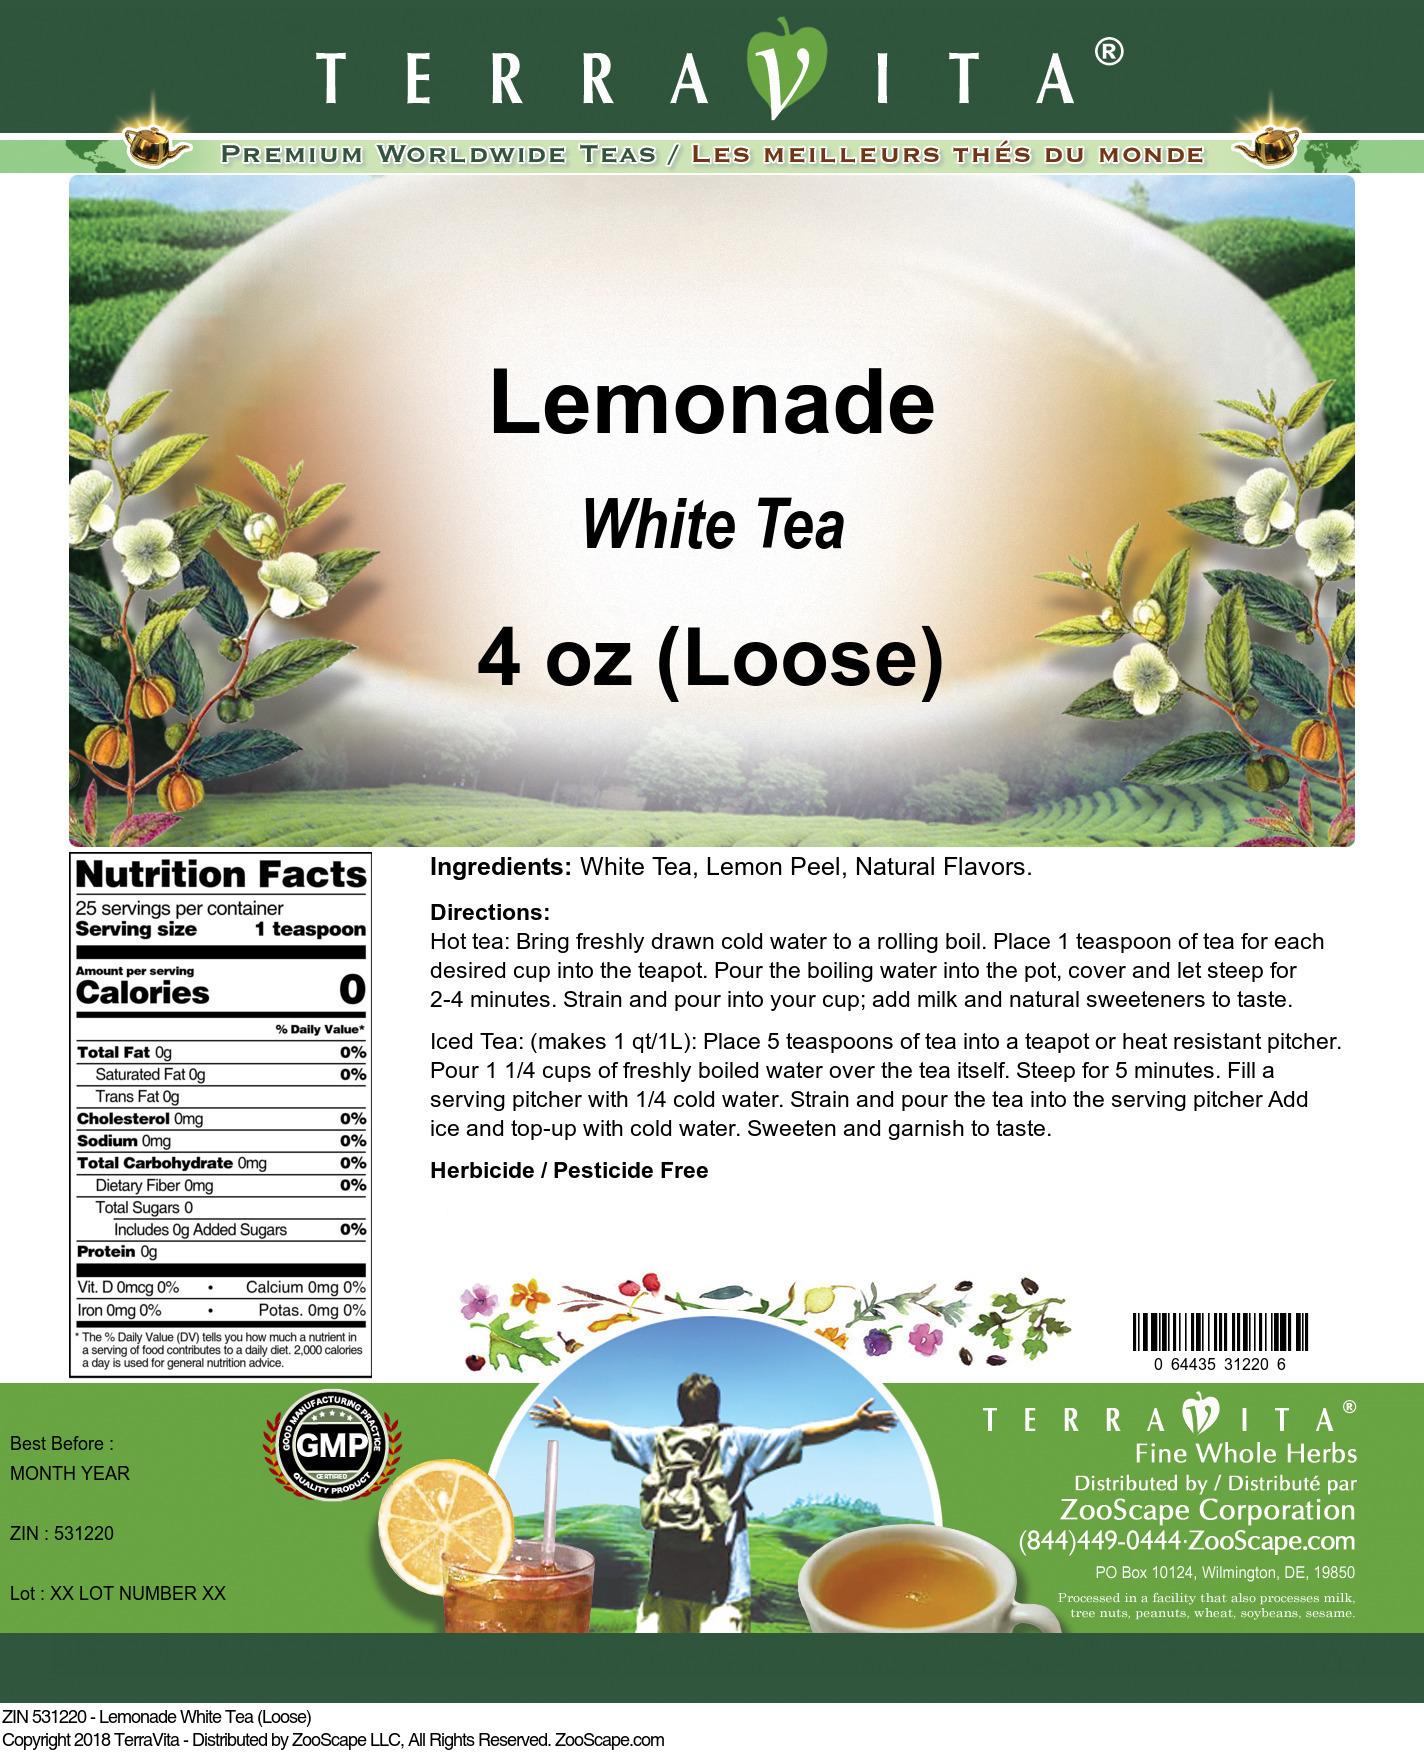 Lemonade White Tea (Loose)